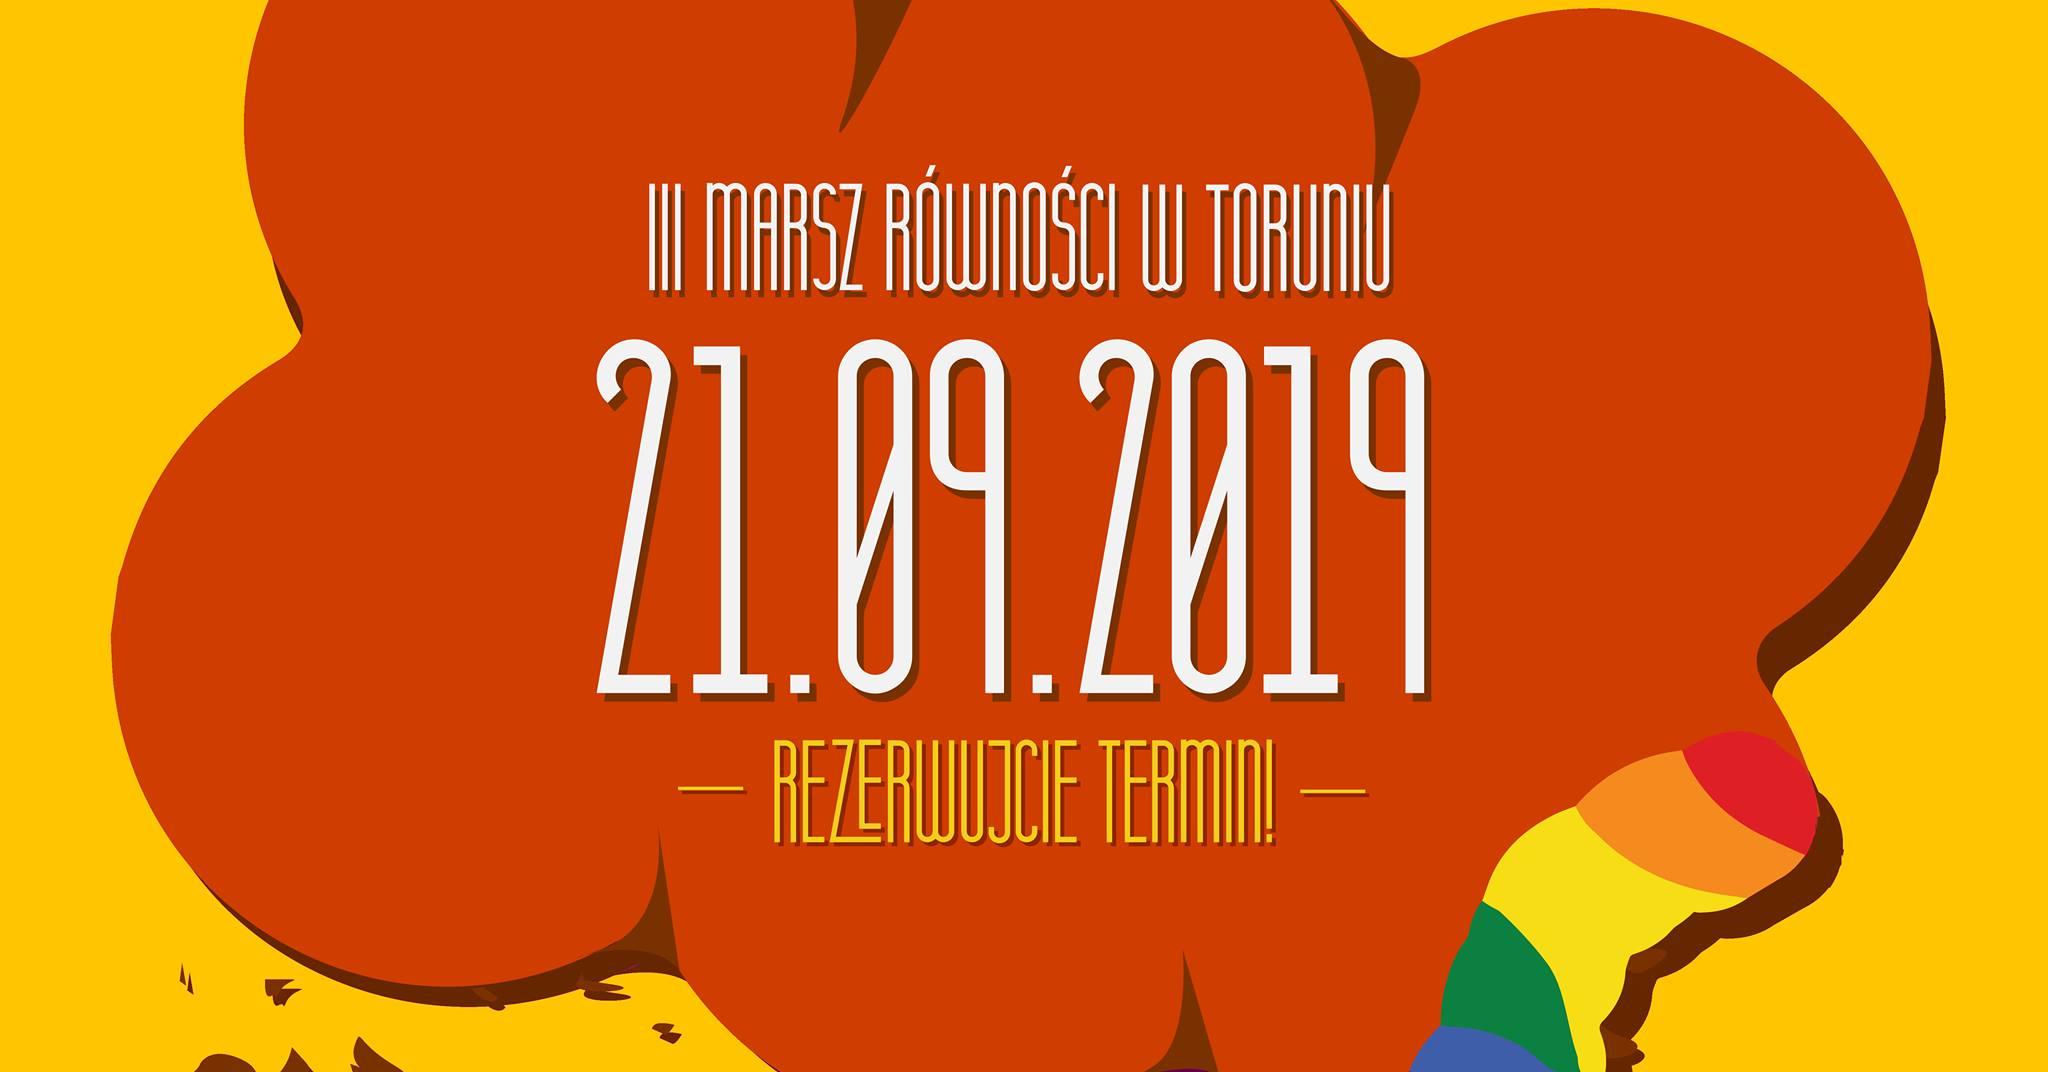 Marsz Rownosci Torun